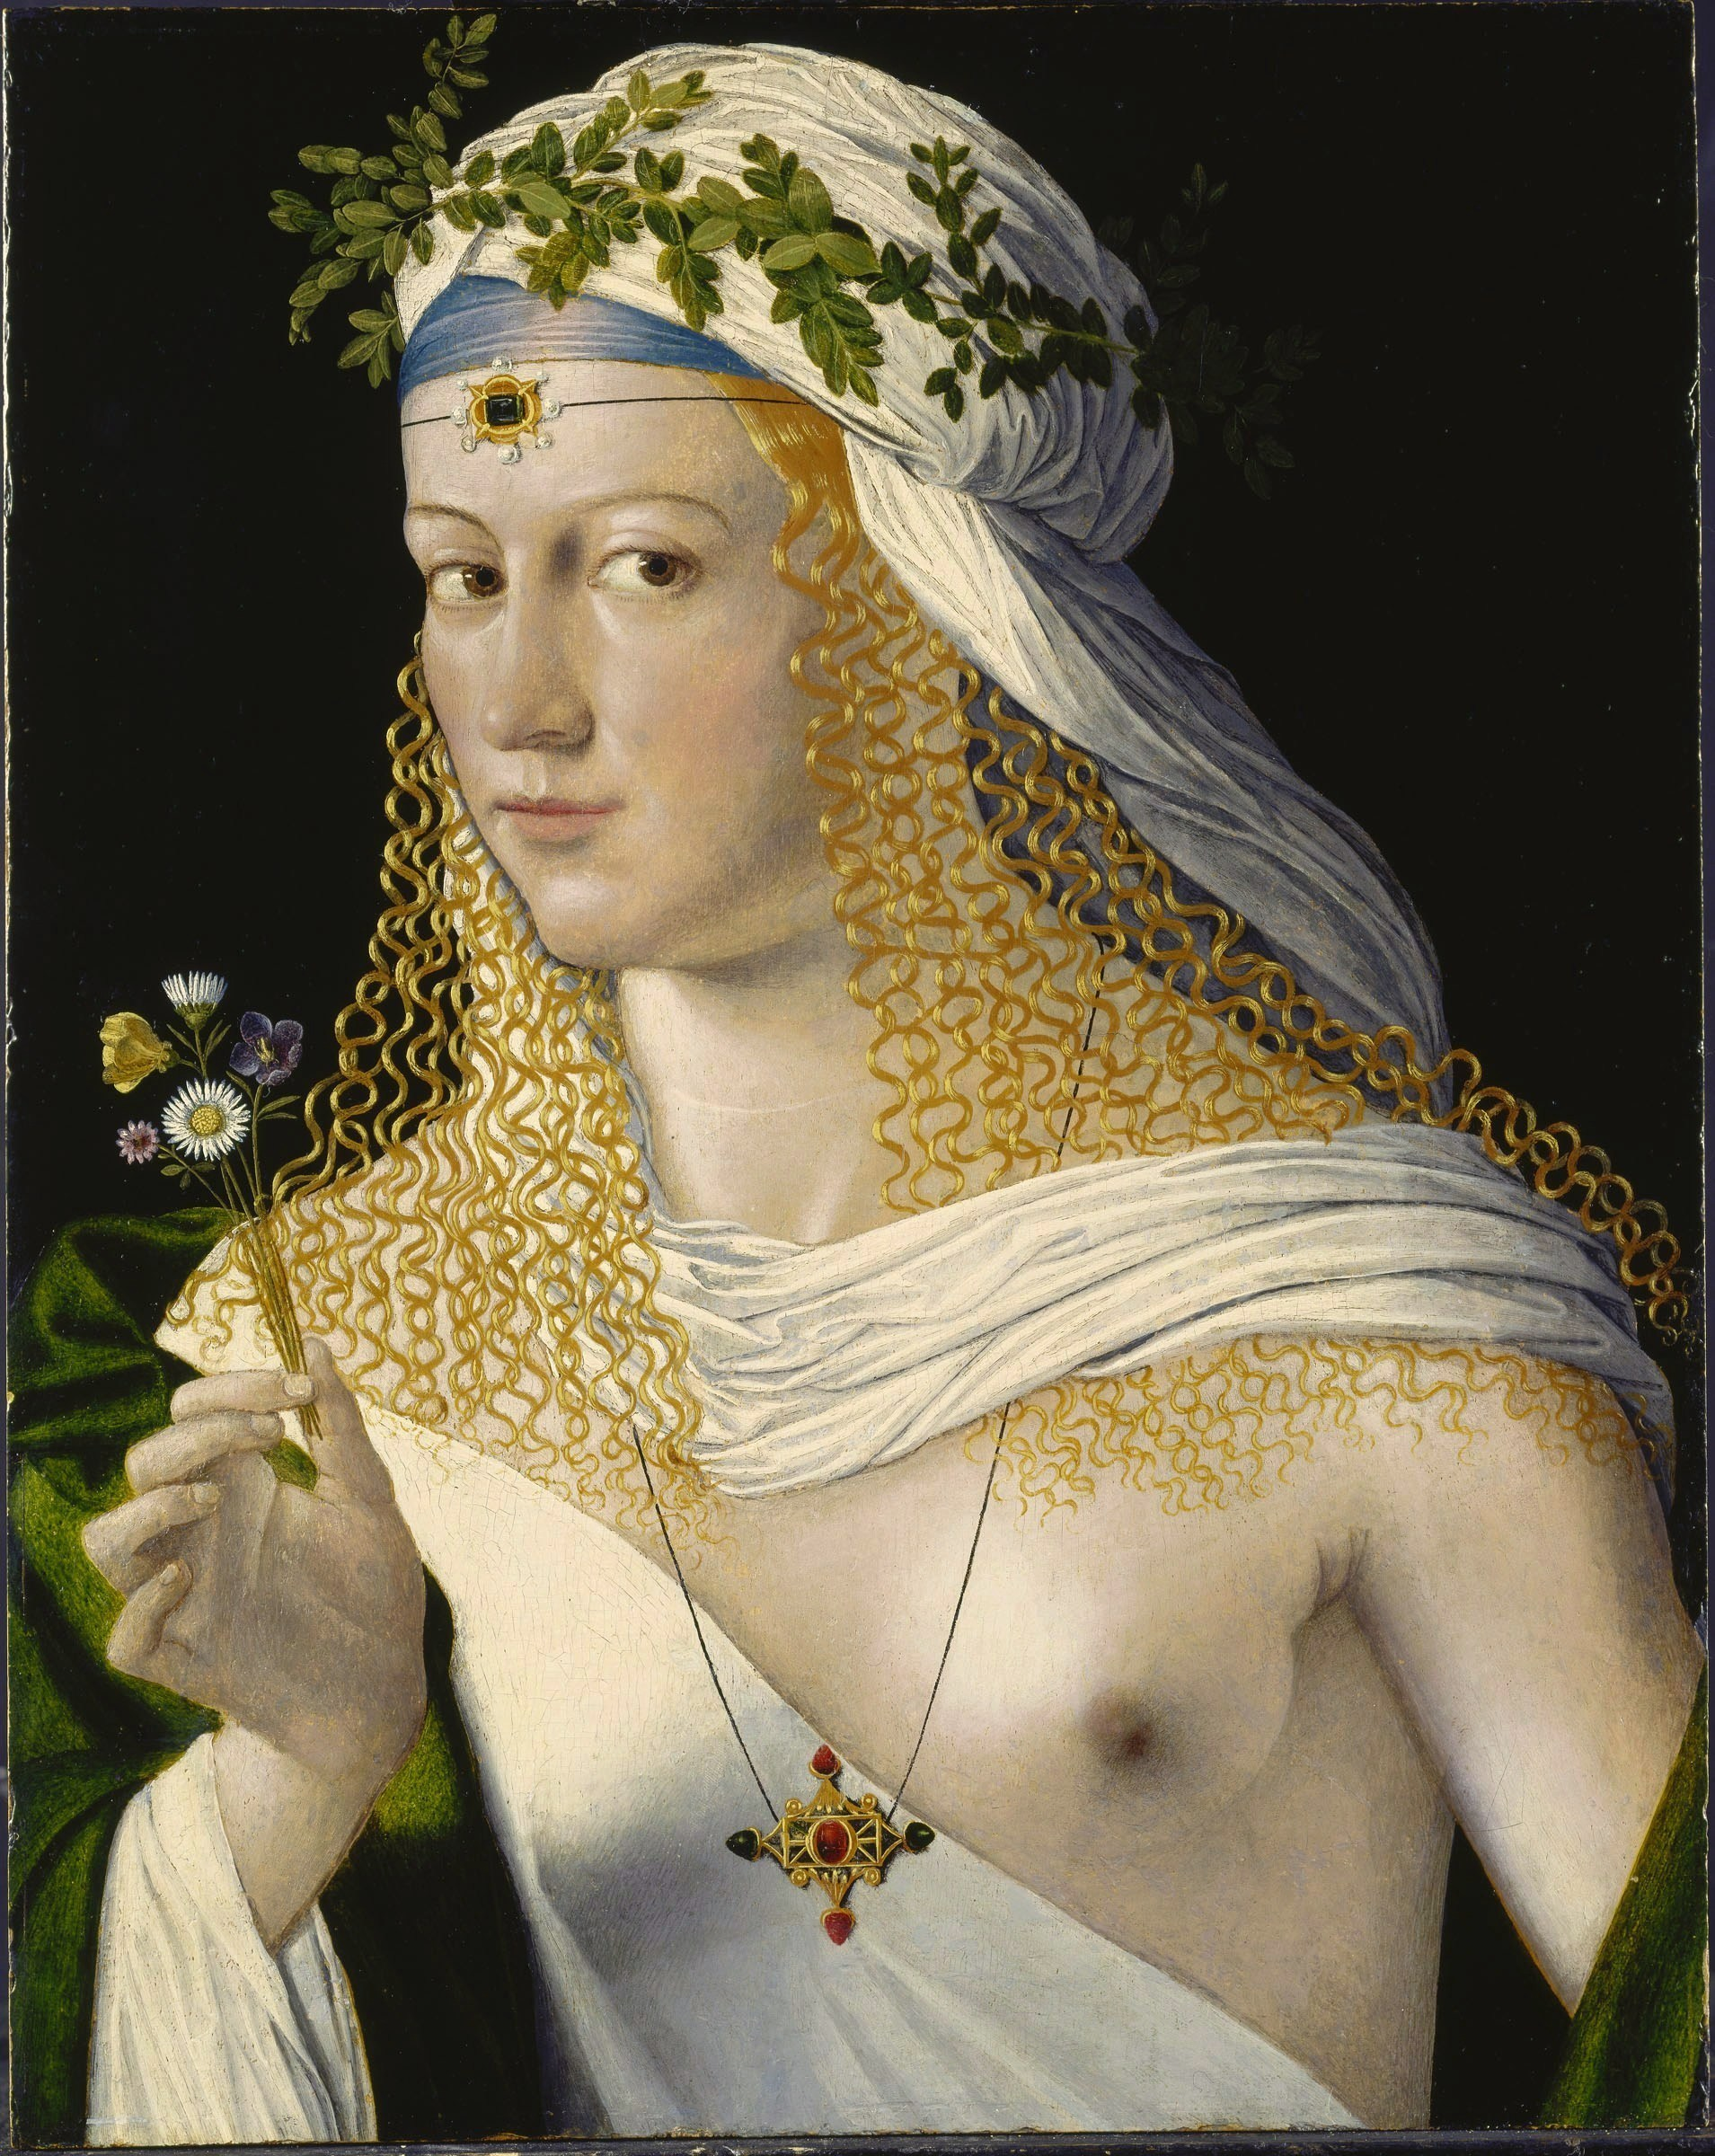 Donne di Casa d'Este. Lucrezia Borgia: dolce e cara compagna, eppur ancora male-detta a 500 anni dalla morte